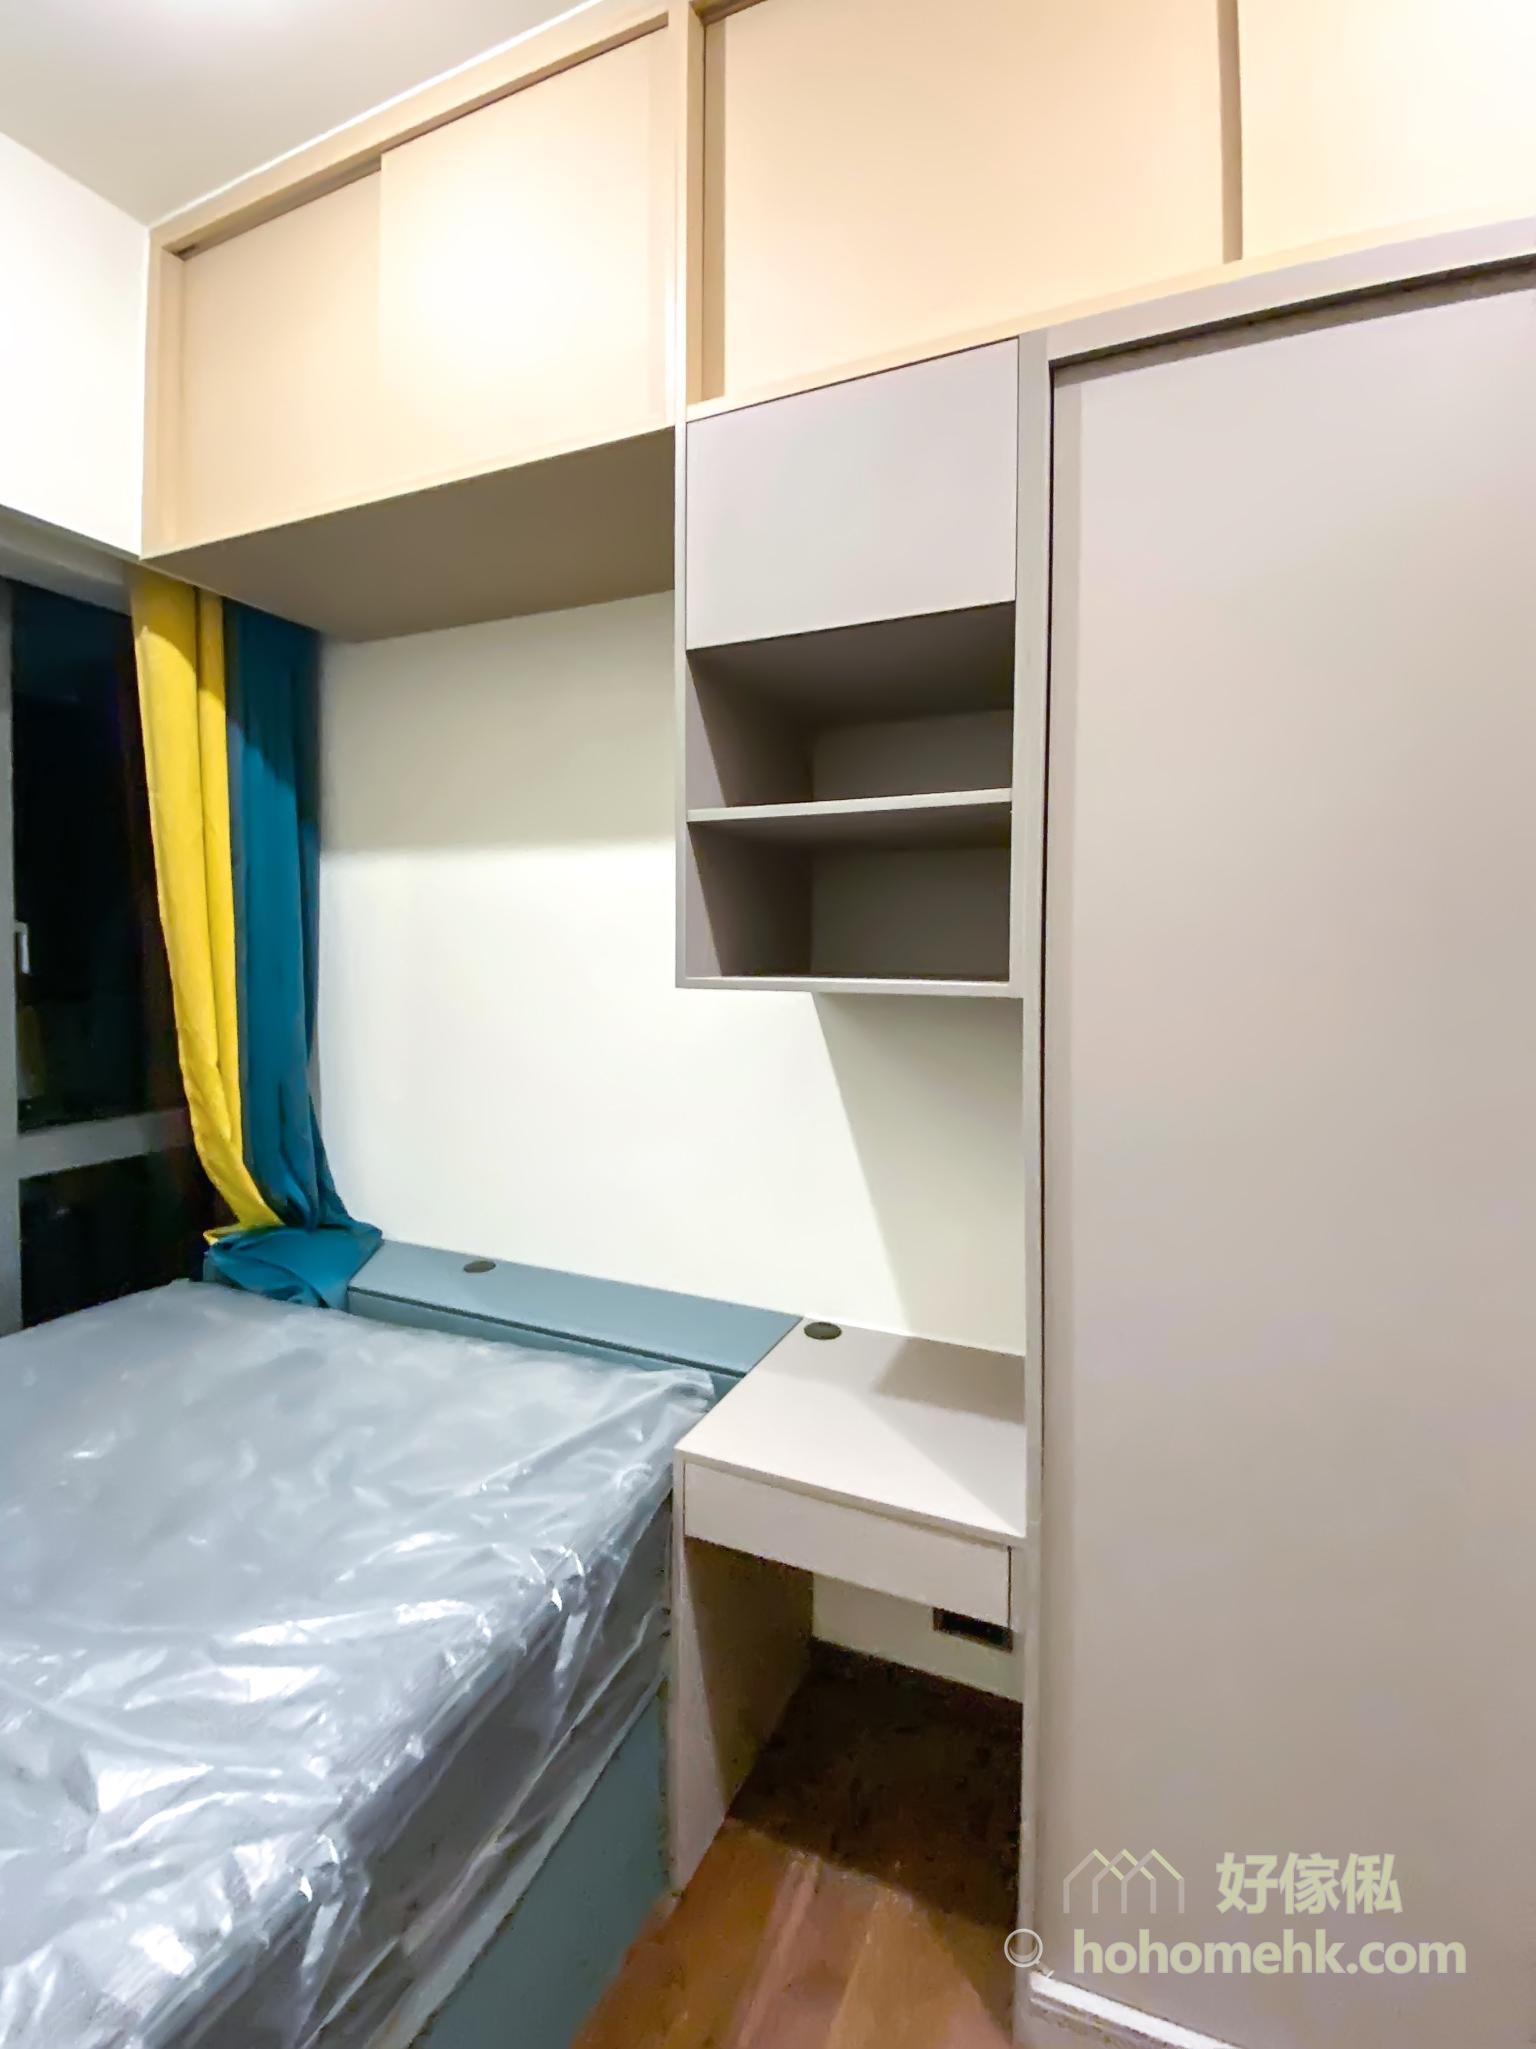 床太大或太小都會影響空間的美觀及實用性,床與睡房的理想比例是1/3,盡量不要超過一半最為恰當,可以此標準選擇出最適合家中睡房的床鋪尺寸